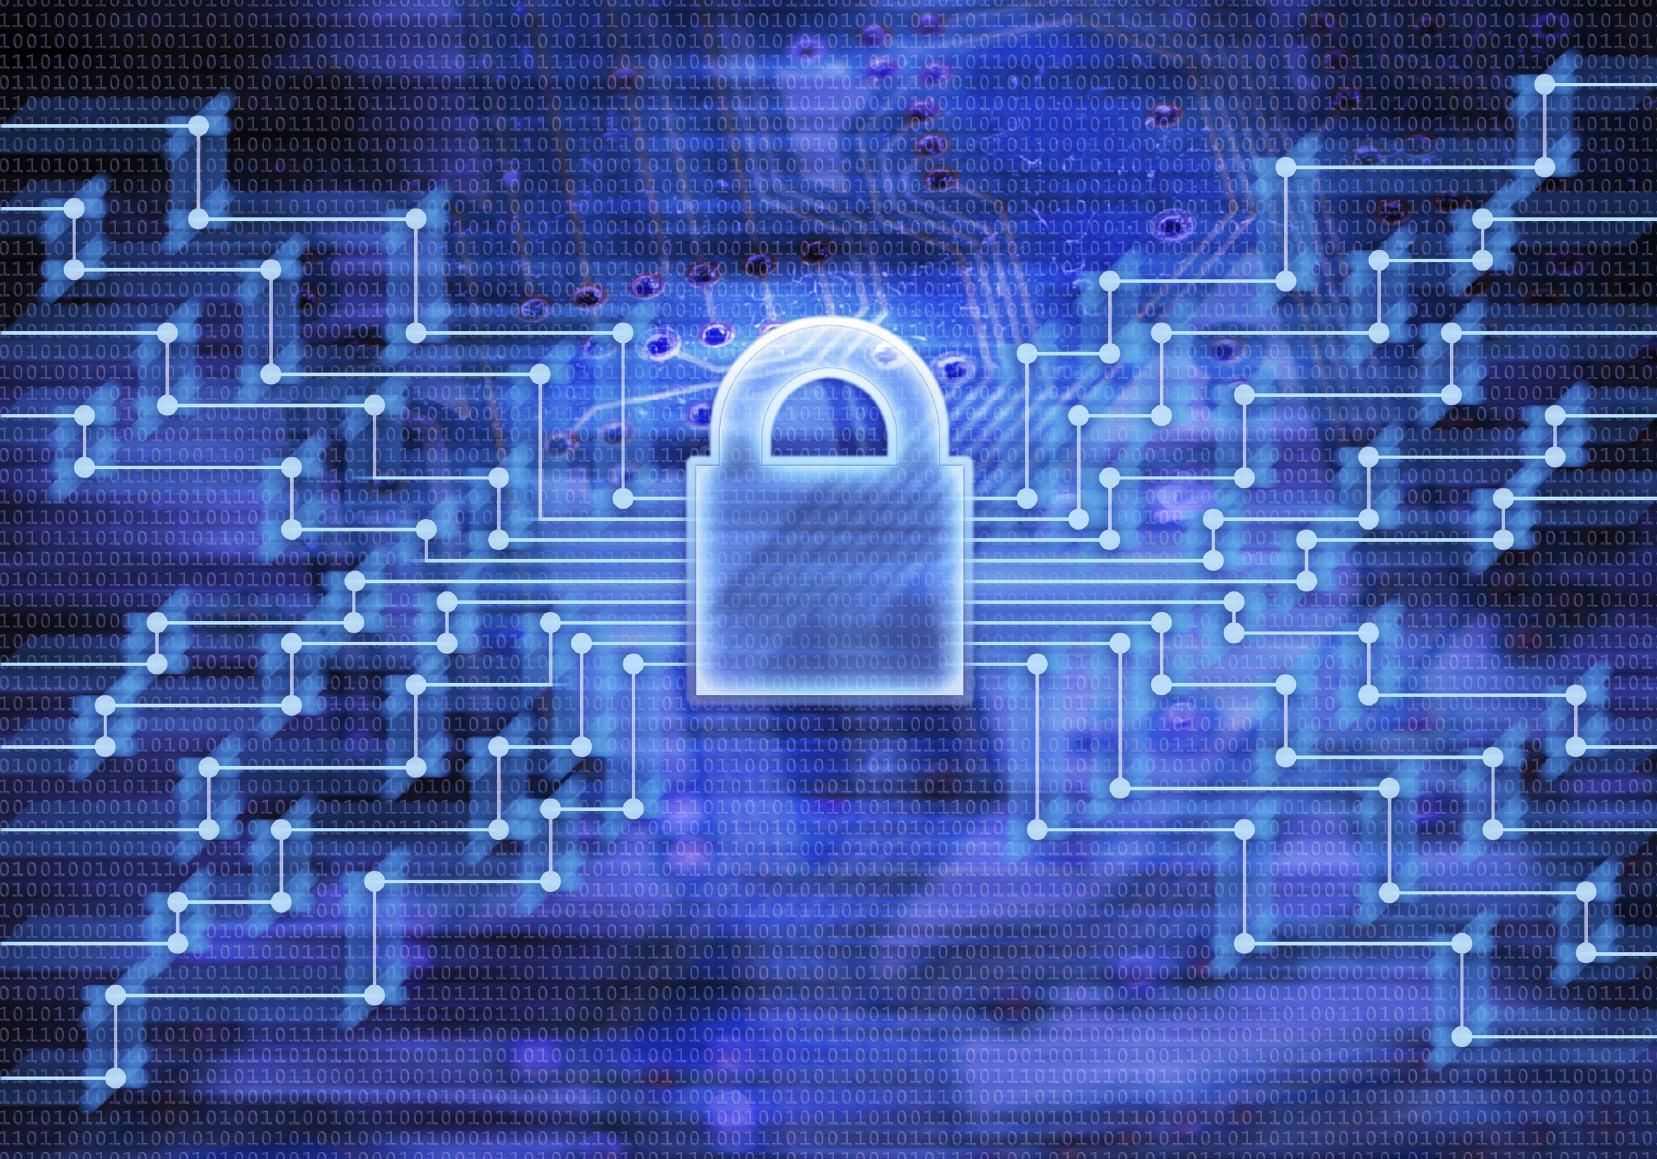 giodo rejestracja, dane osobowe, osobowe dane, giodo, polityka bezpieczeństwa danych osobowych, instrukcja zarządzania systemem informatycznym, polityka bezpieczeństwa wzór